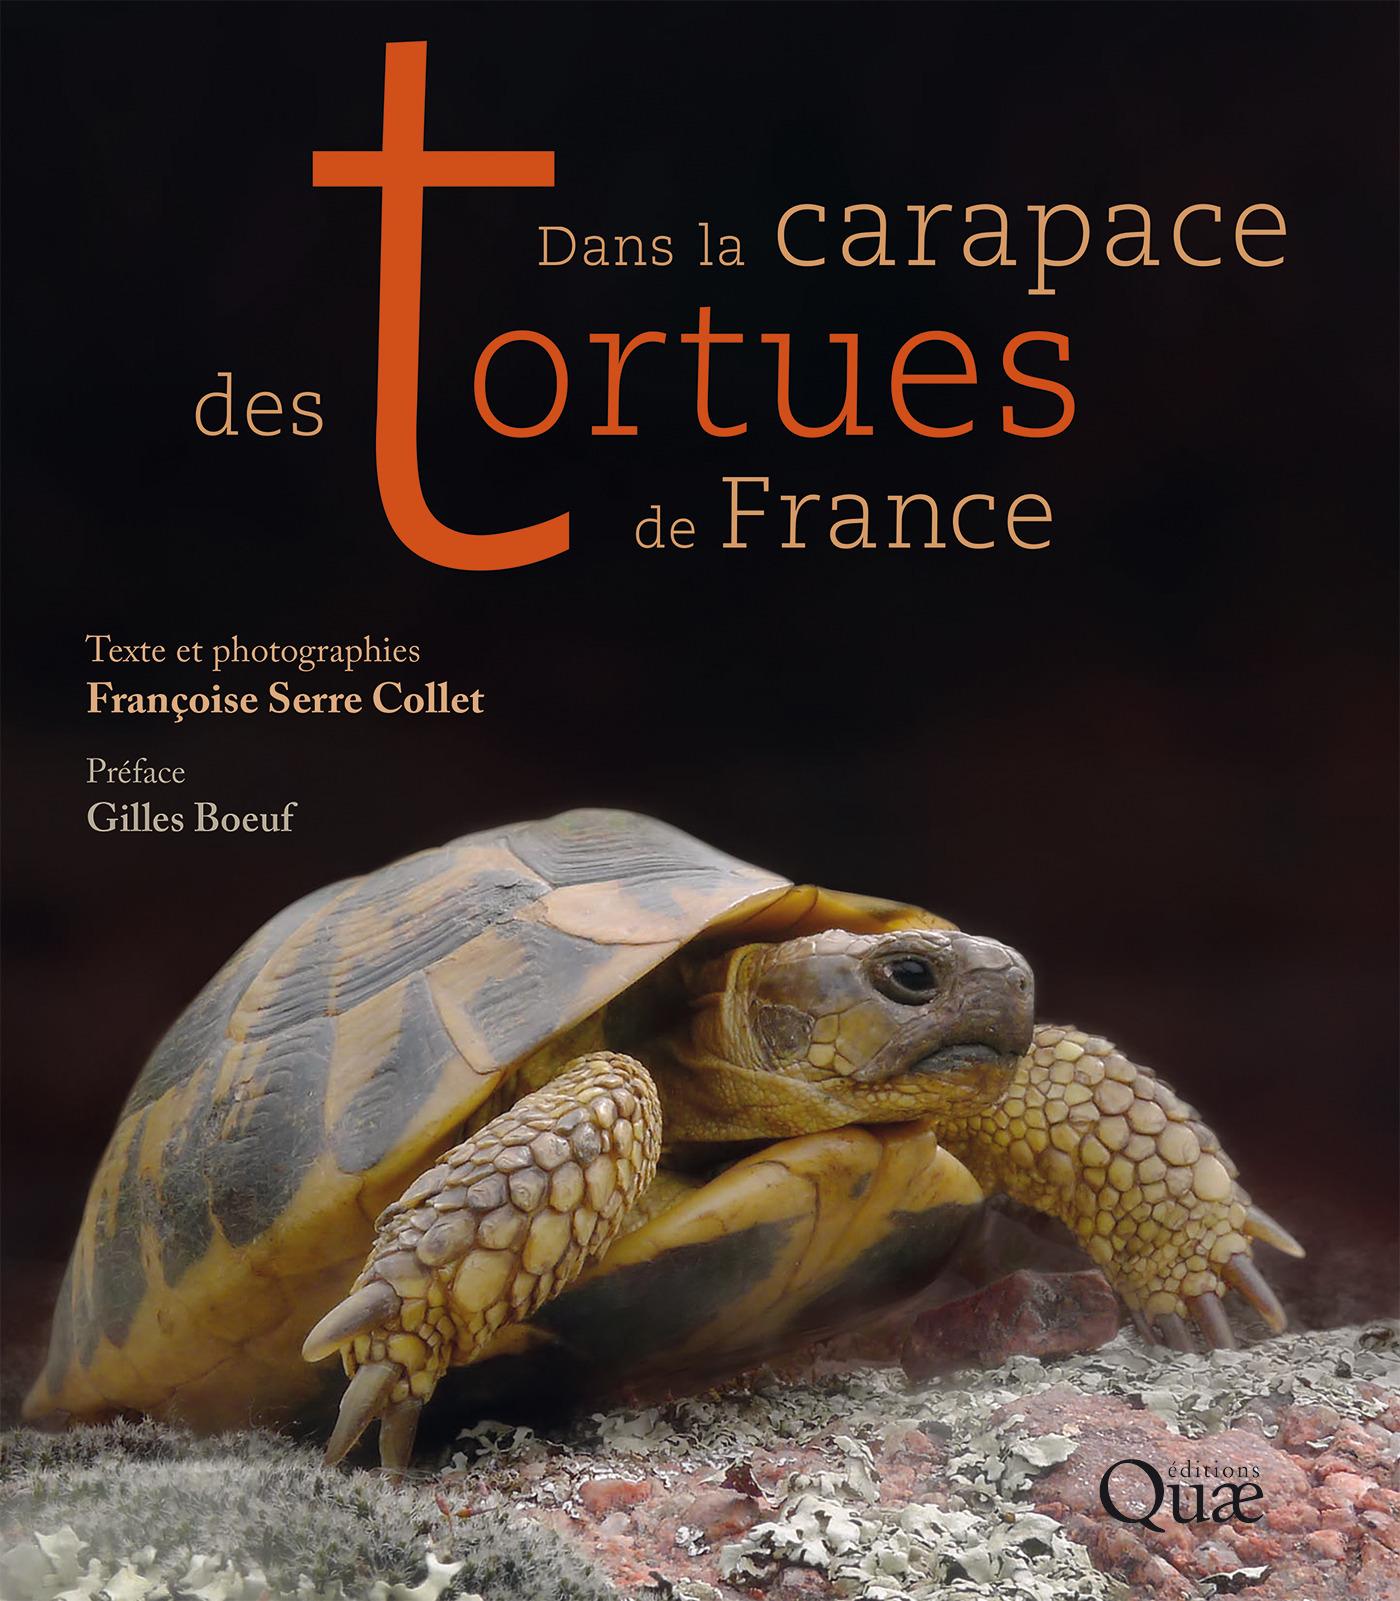 Dans la carapace des tortues de France